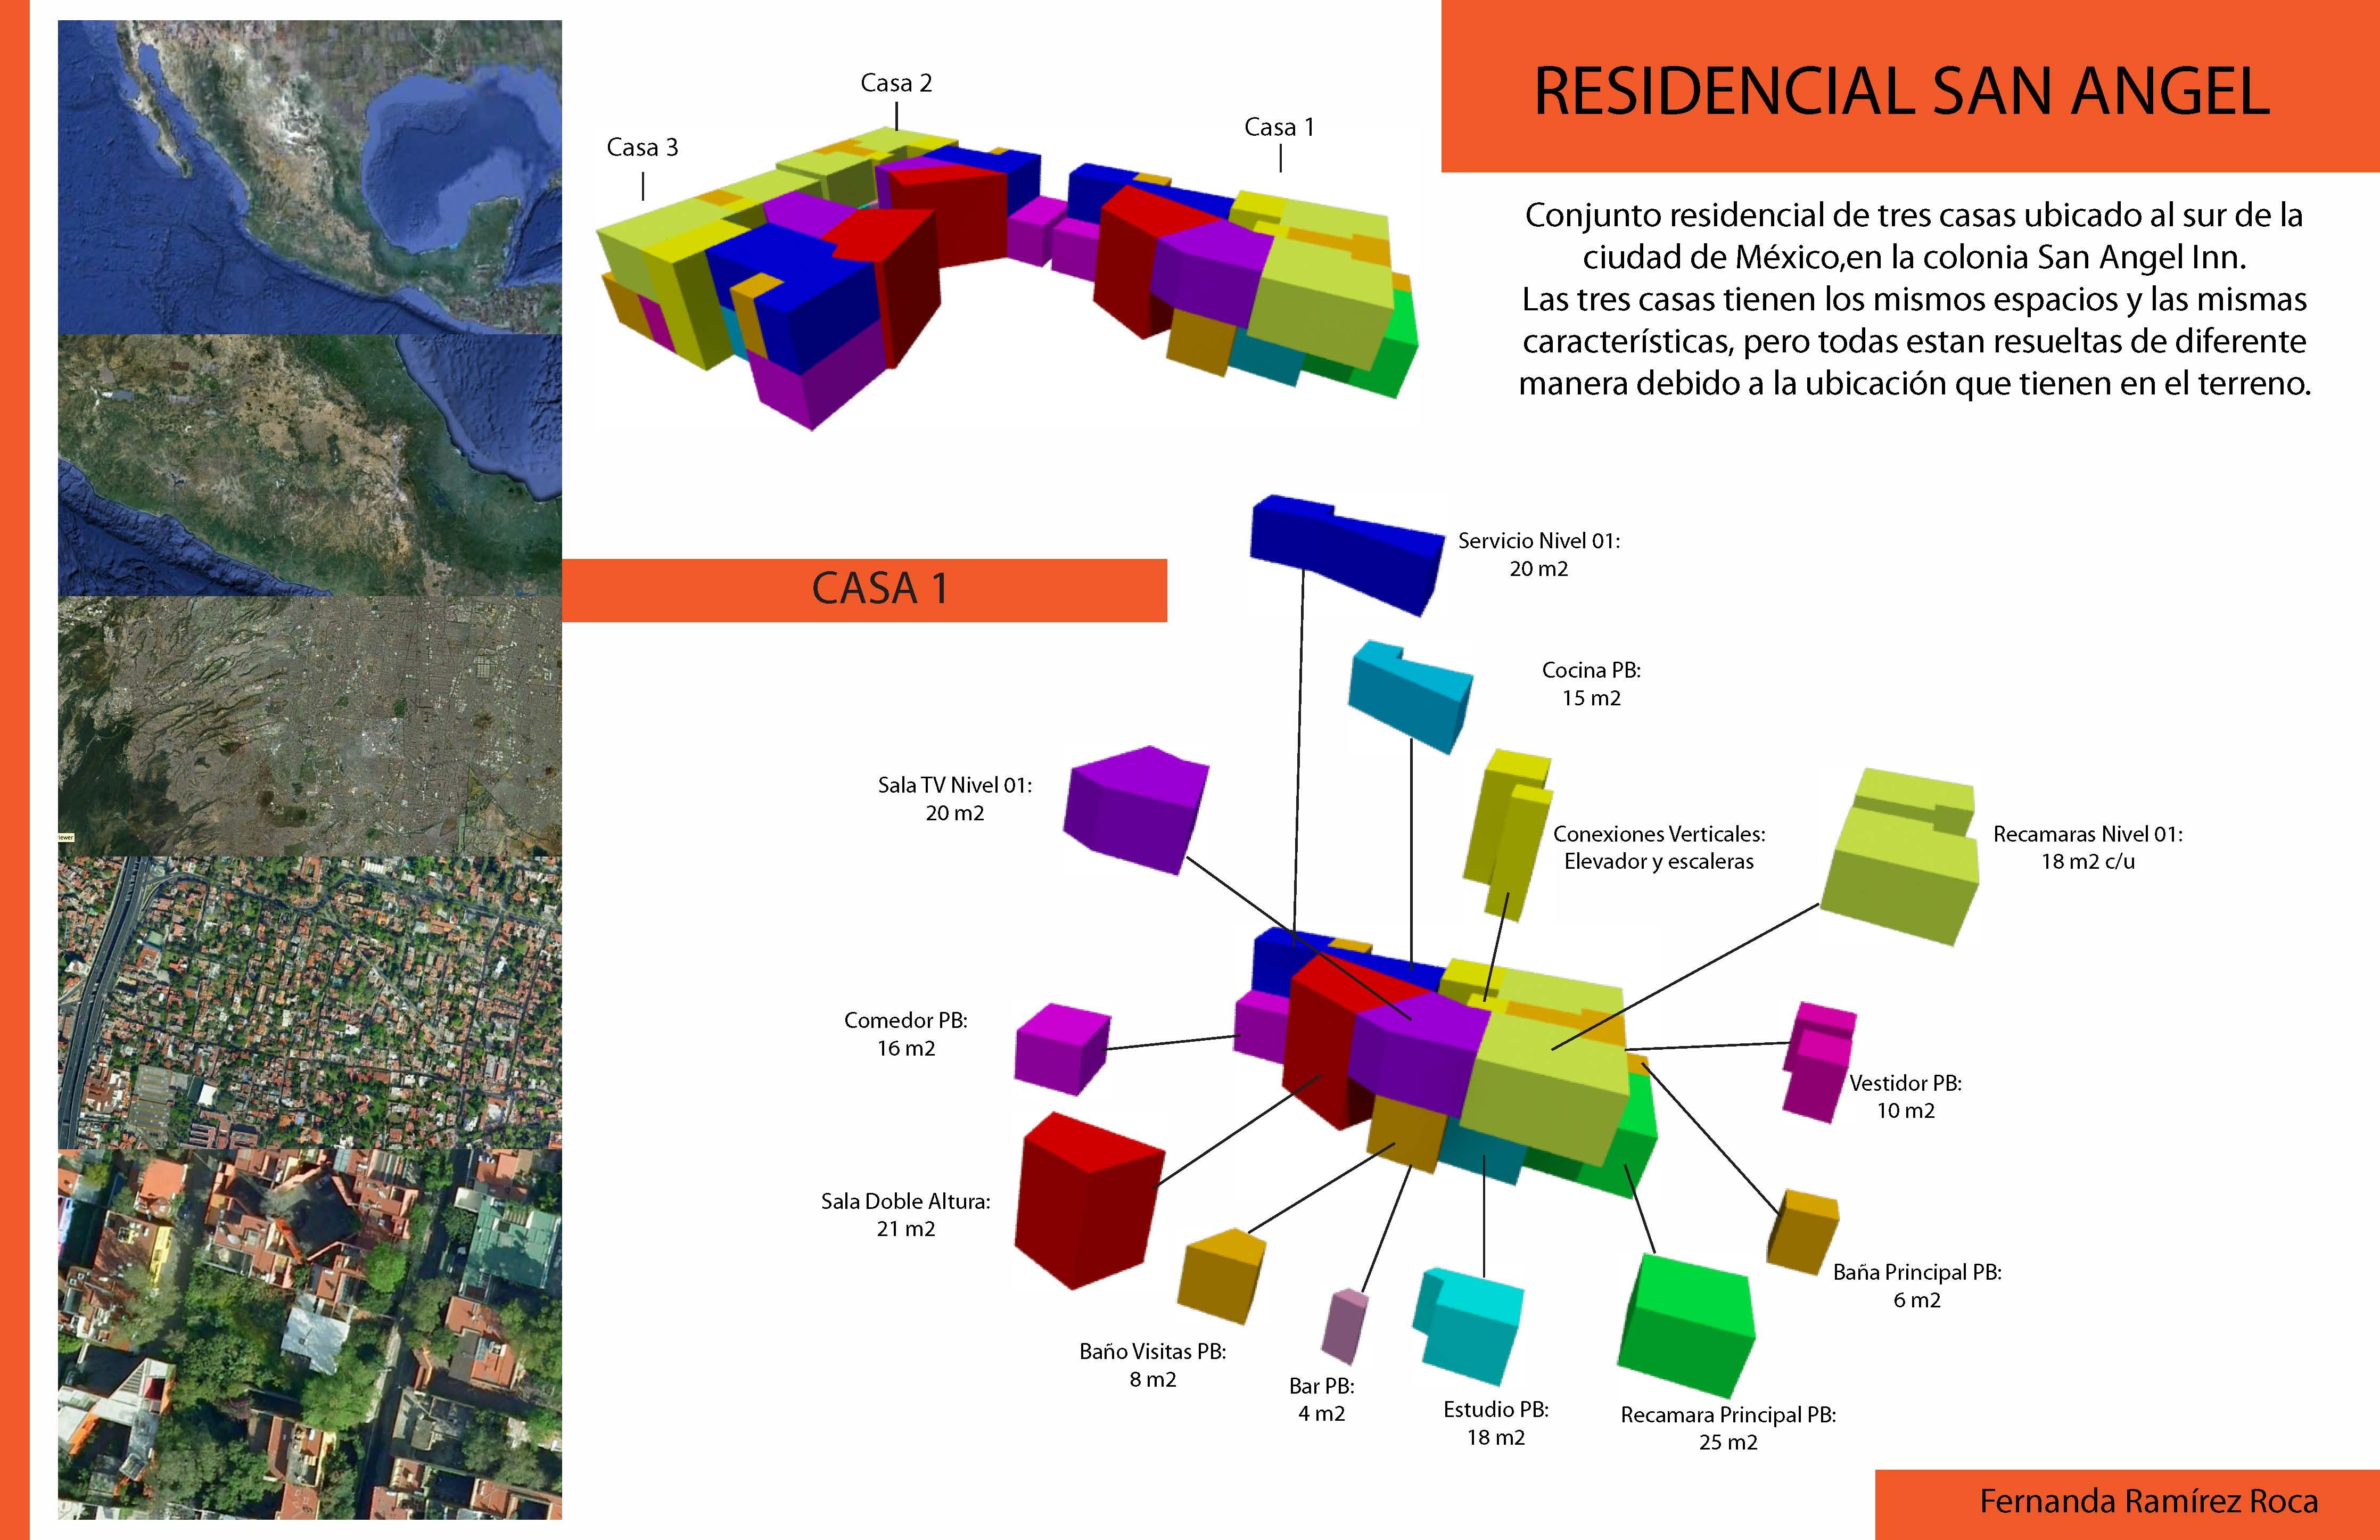 Espacios residencial san angel arquitectura en red - Que es un porche en arquitectura ...